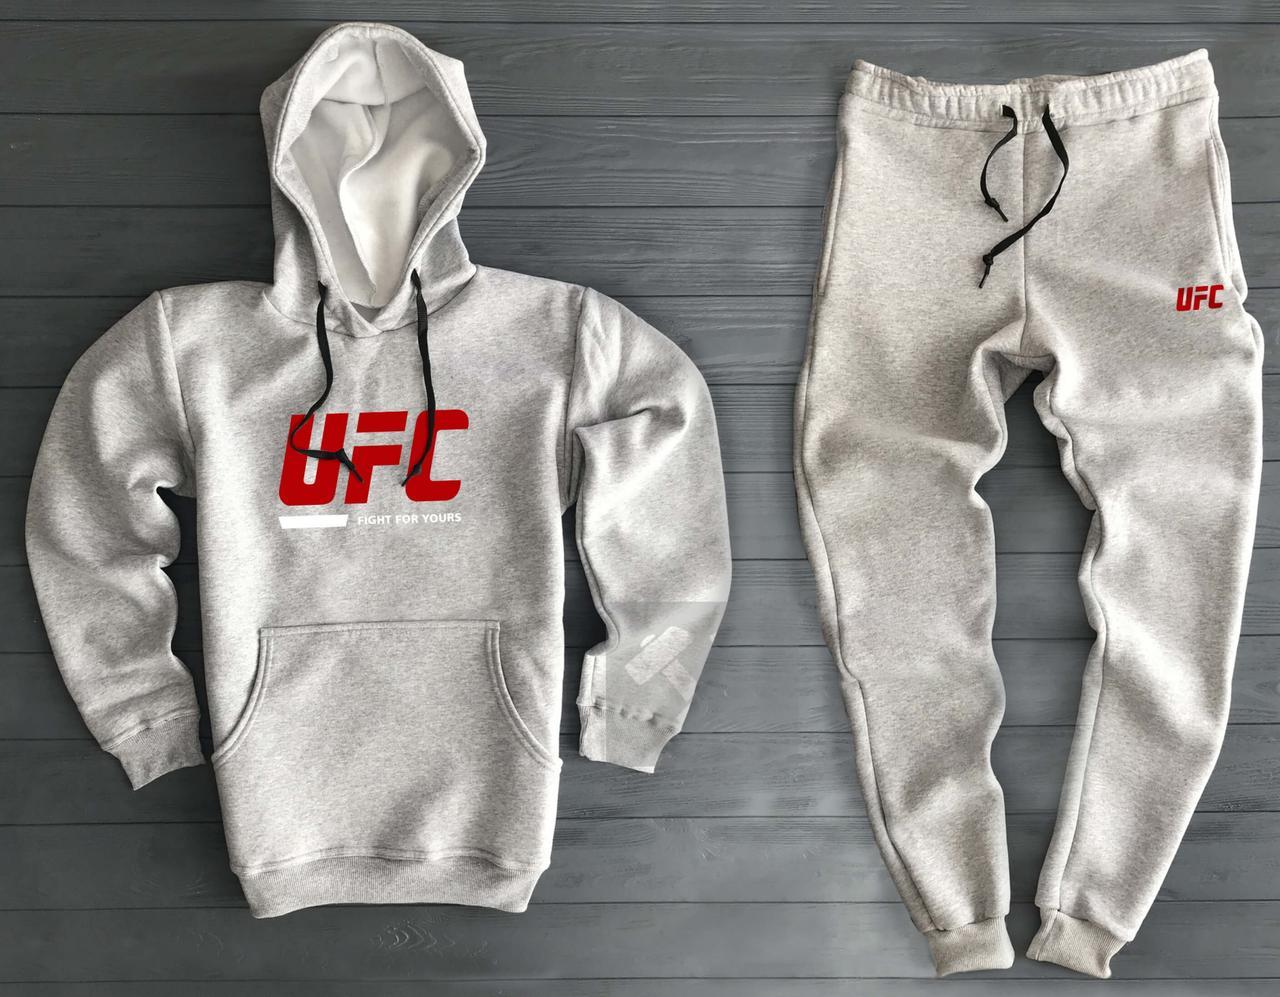 1cf71017 Теплый мужской спортивный костюм UFC цвета Хаки купить в Киеве | Im ...